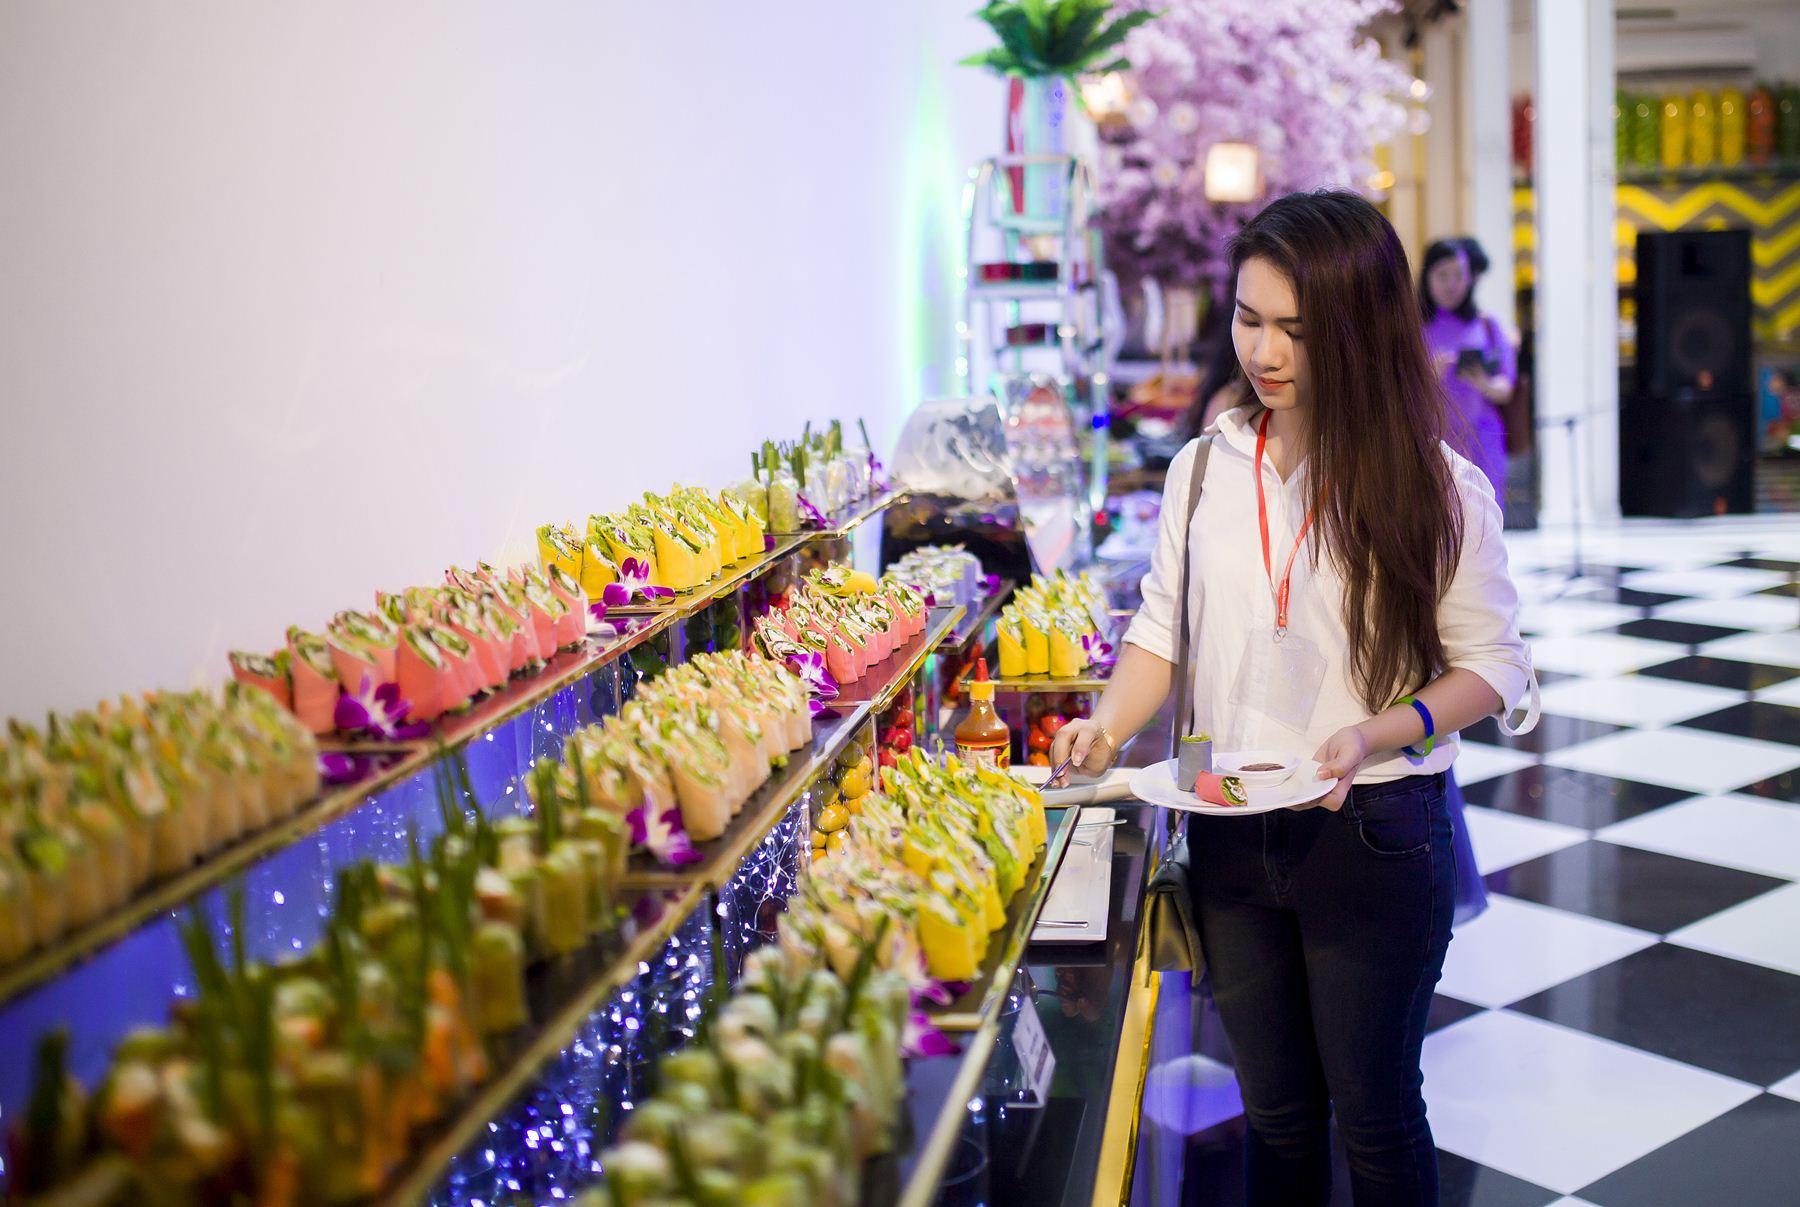 Nhà hàng Âu Lạc Healthy World thu hút các bạn trẻ với buffet hơn 150 món chay - Ảnh 1.